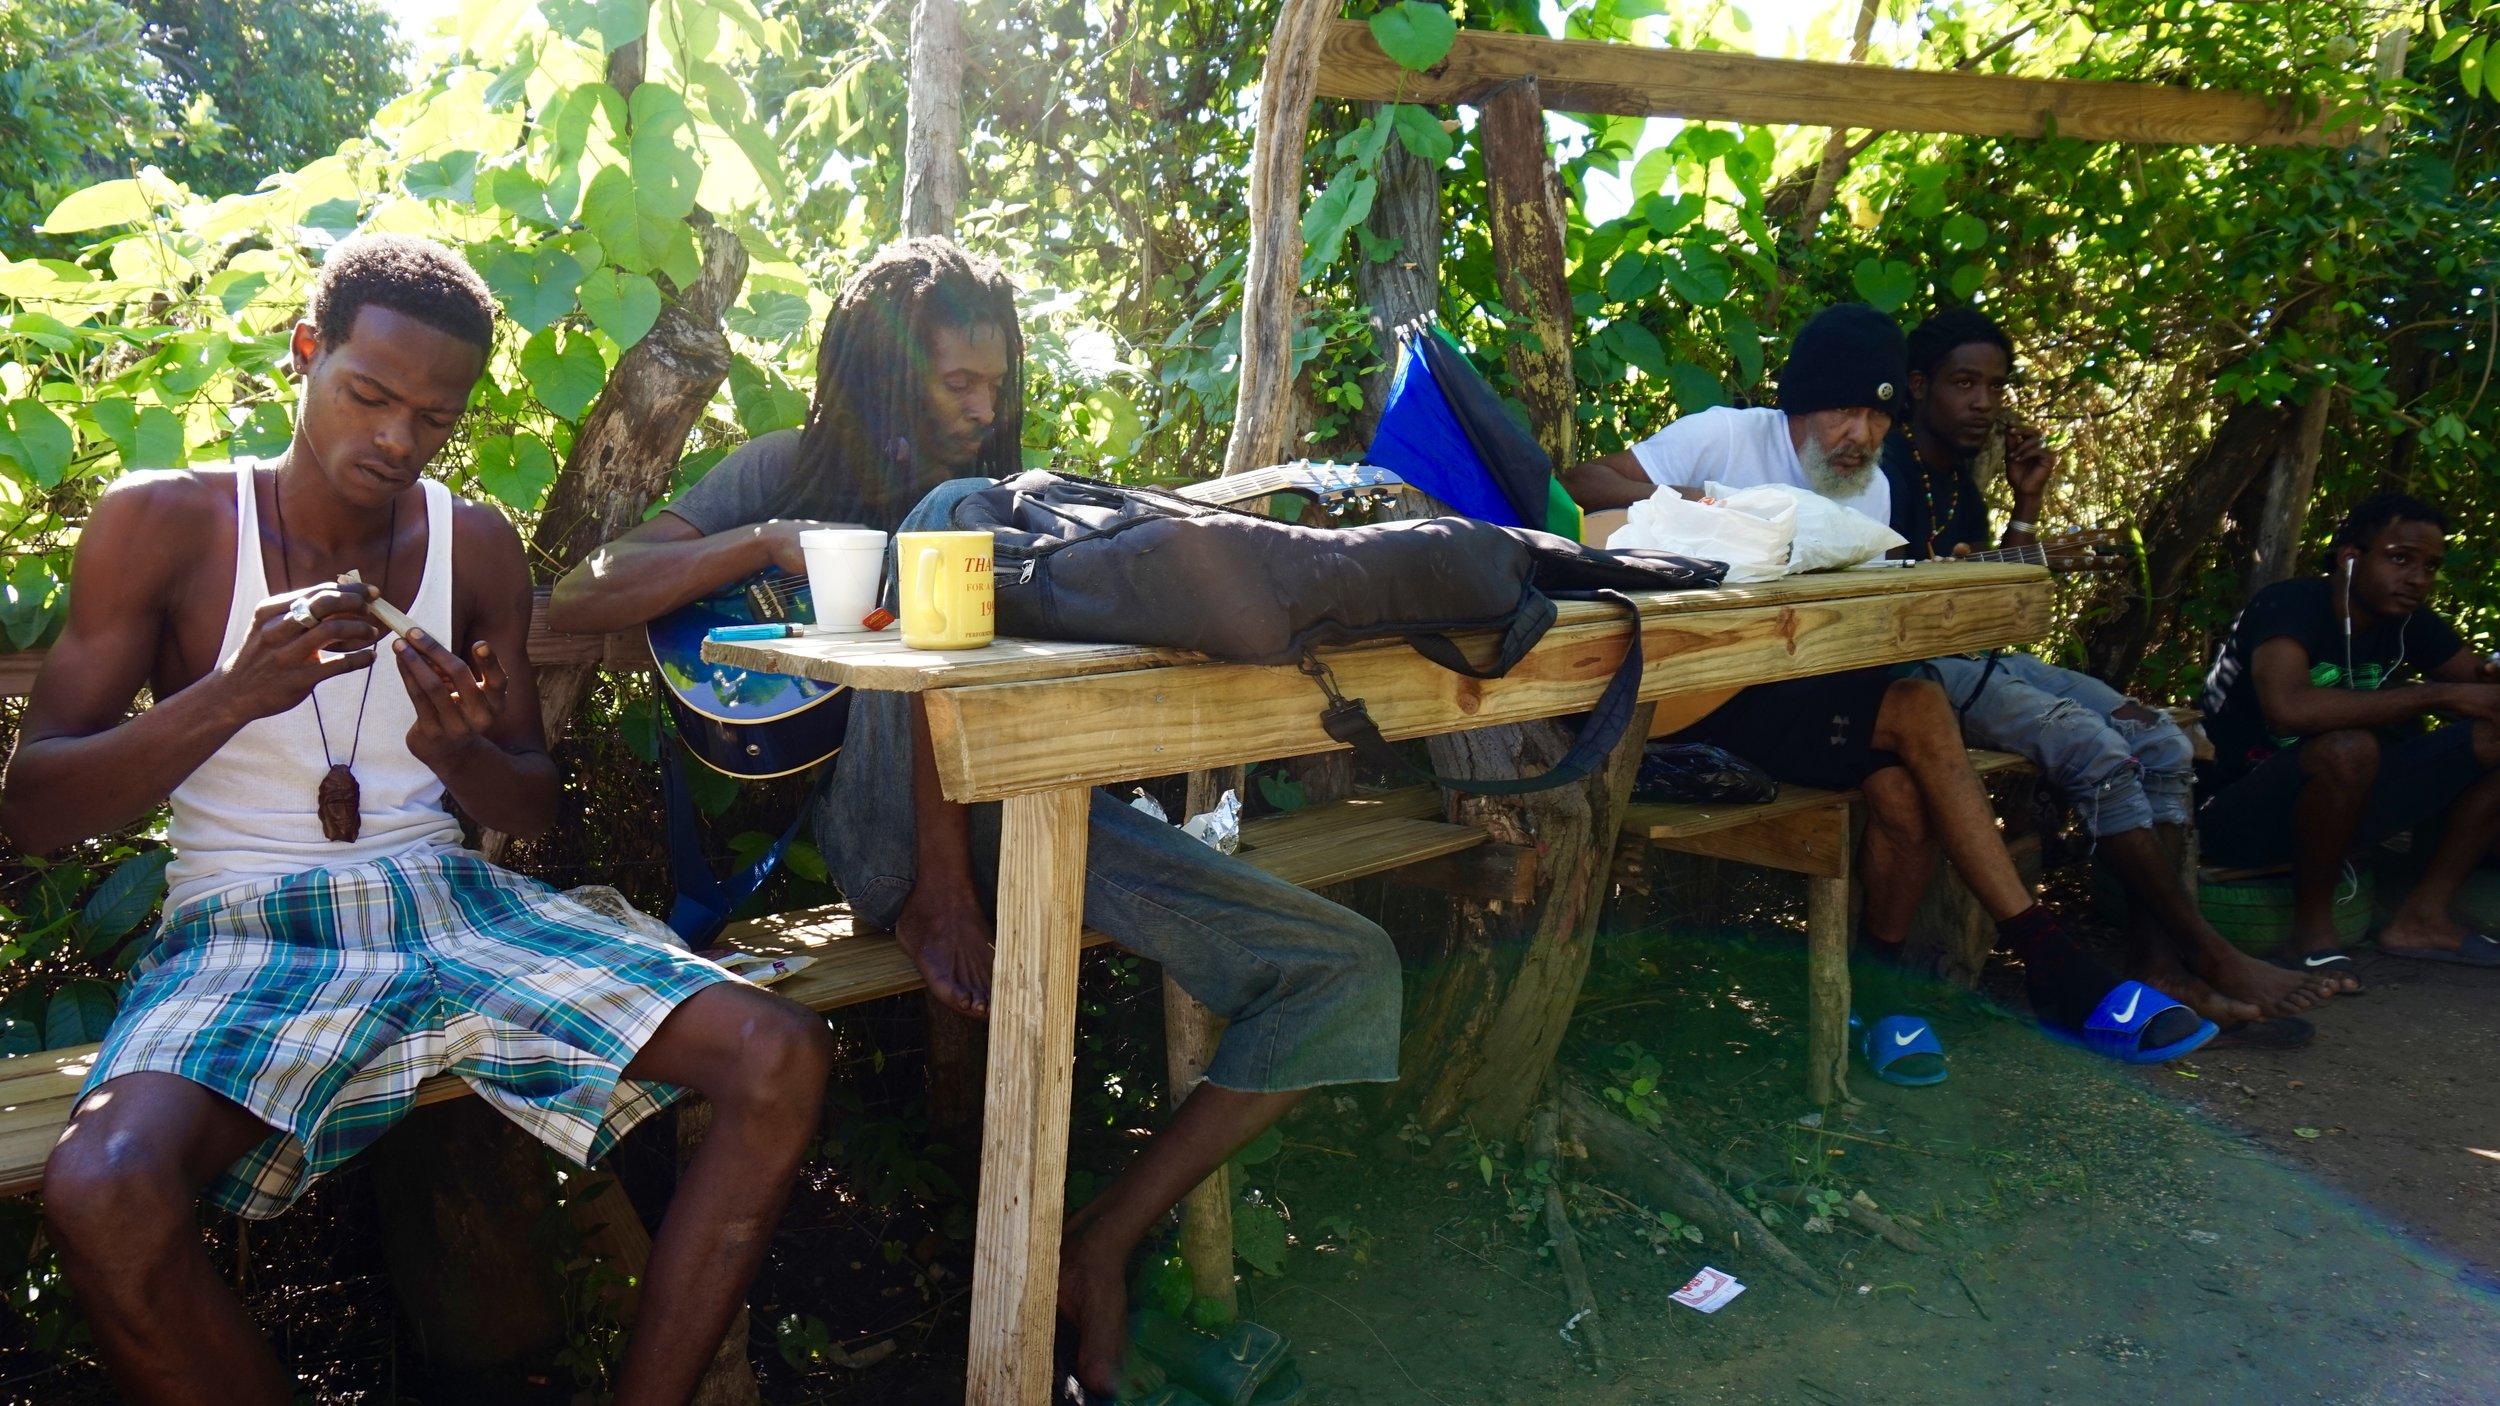 Varahommikud külakohviku aias. Foto: Tarrvi Laamann